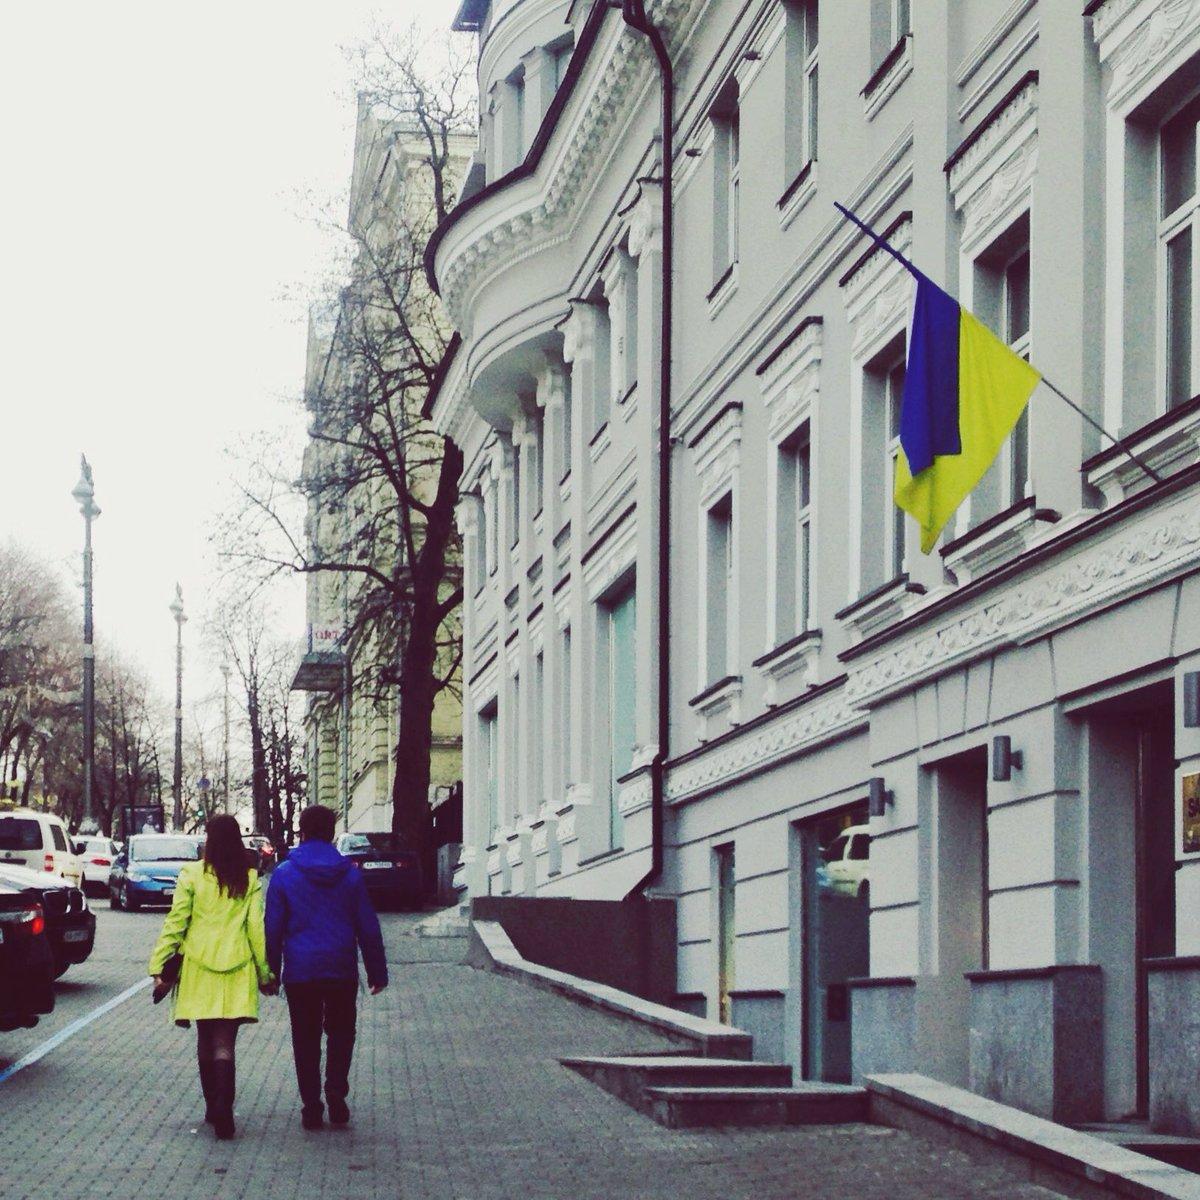 В Крыму оккупанты арестовали 35 крымских татар - Цензор.НЕТ 5854